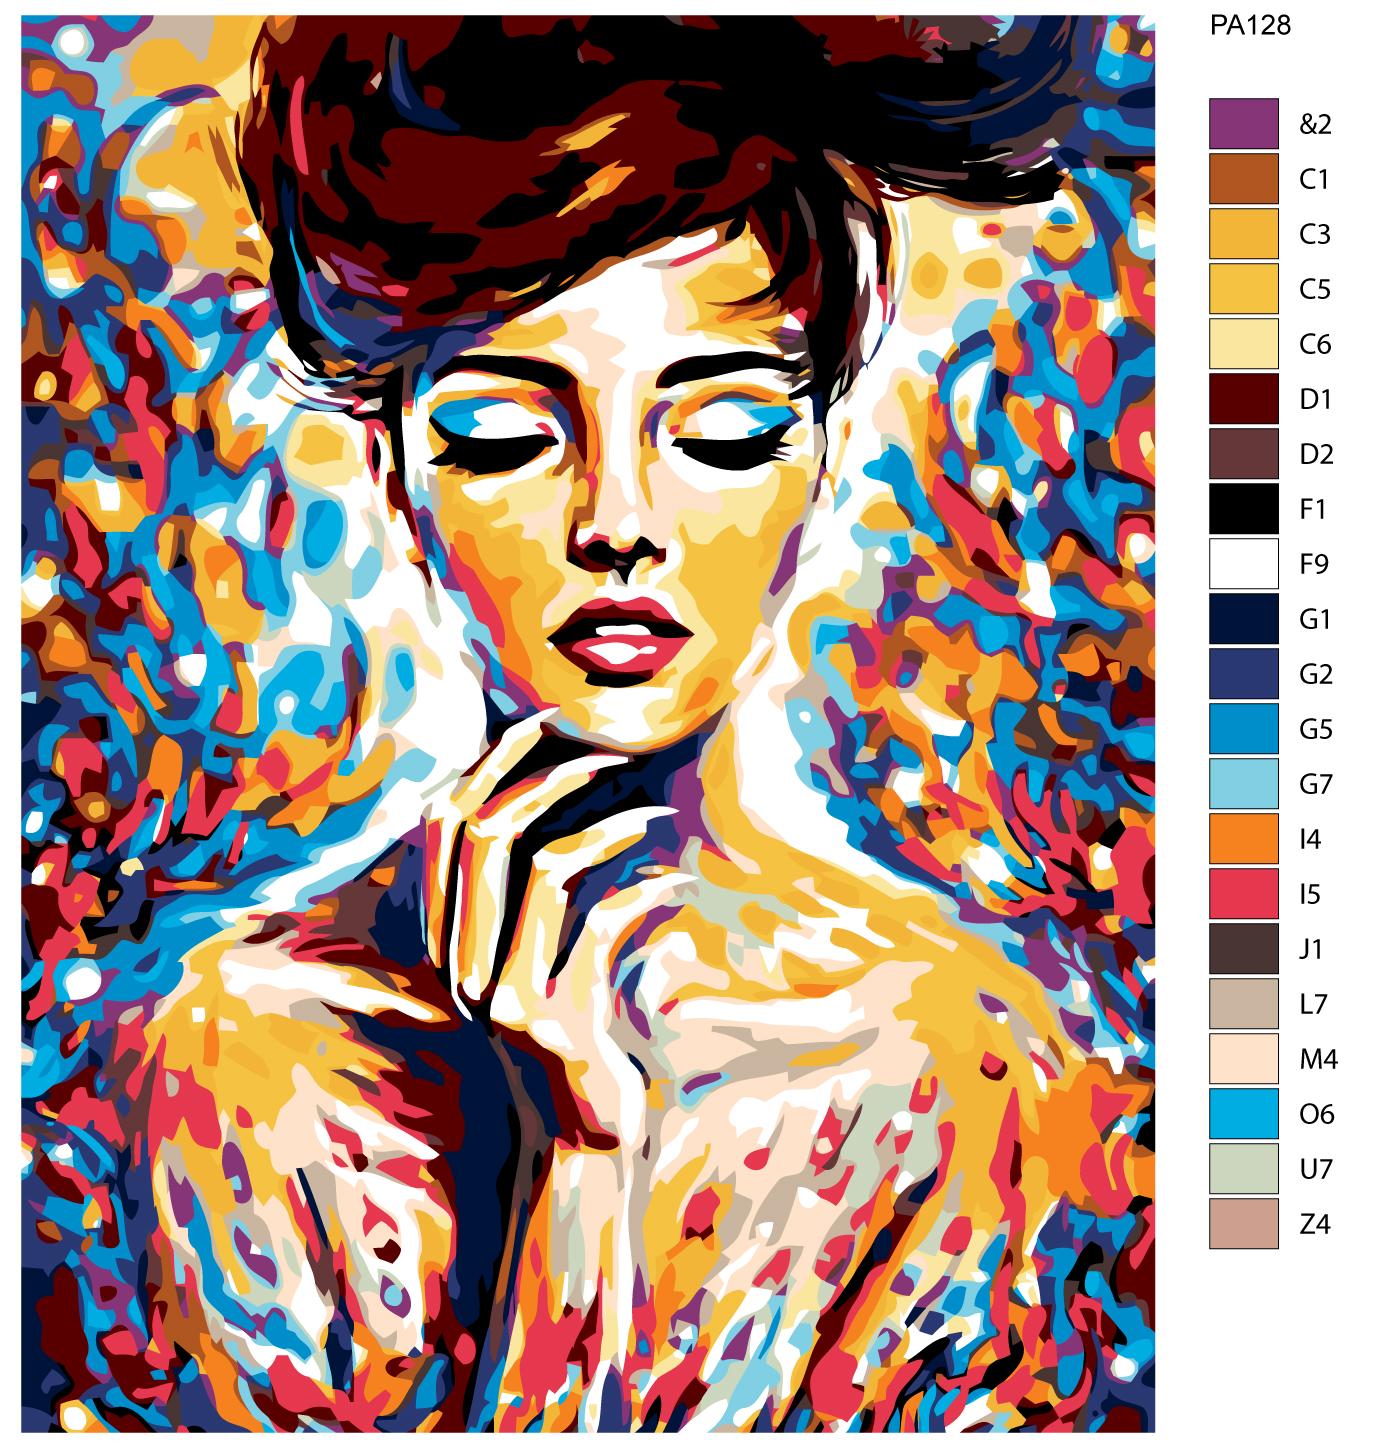 Купить картина по номерам, 40 x 50, PA128, цены в Москве ...